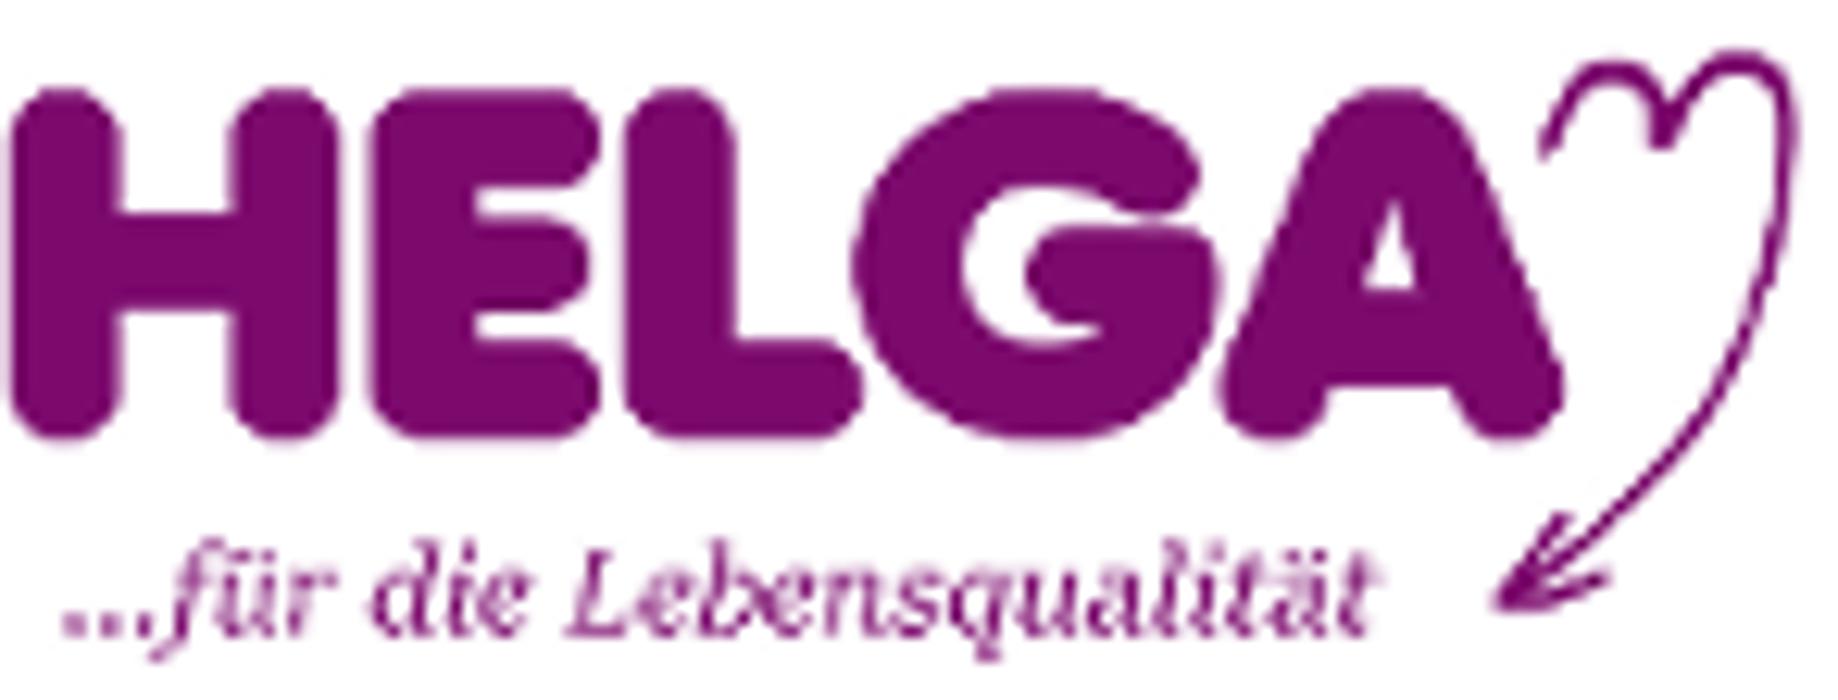 Bild zu HELGA Gebäudereinigung ; Haushaltshilfe & Seniorenbetreuung24 in Berlin